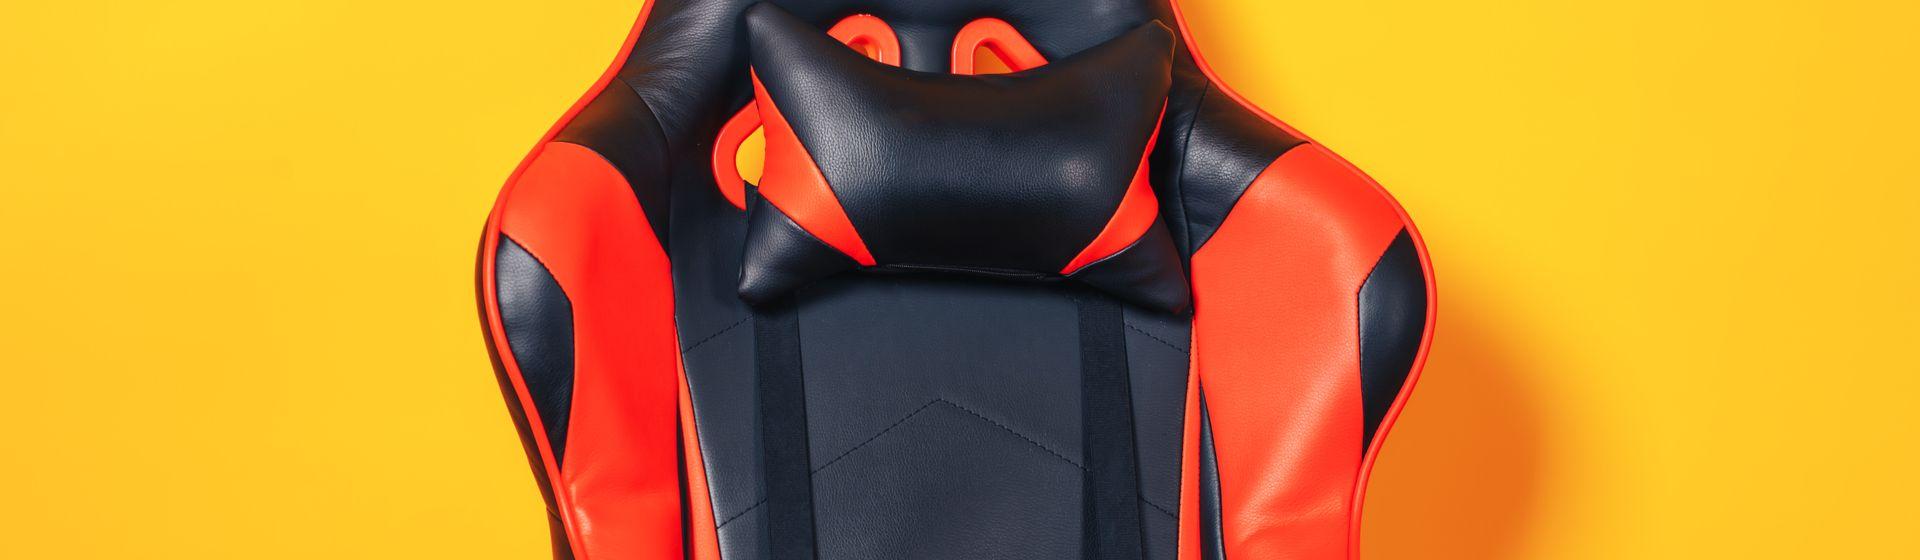 Melhor cadeira gamer vermelha em 2021: 6 opções com estilo e conforto